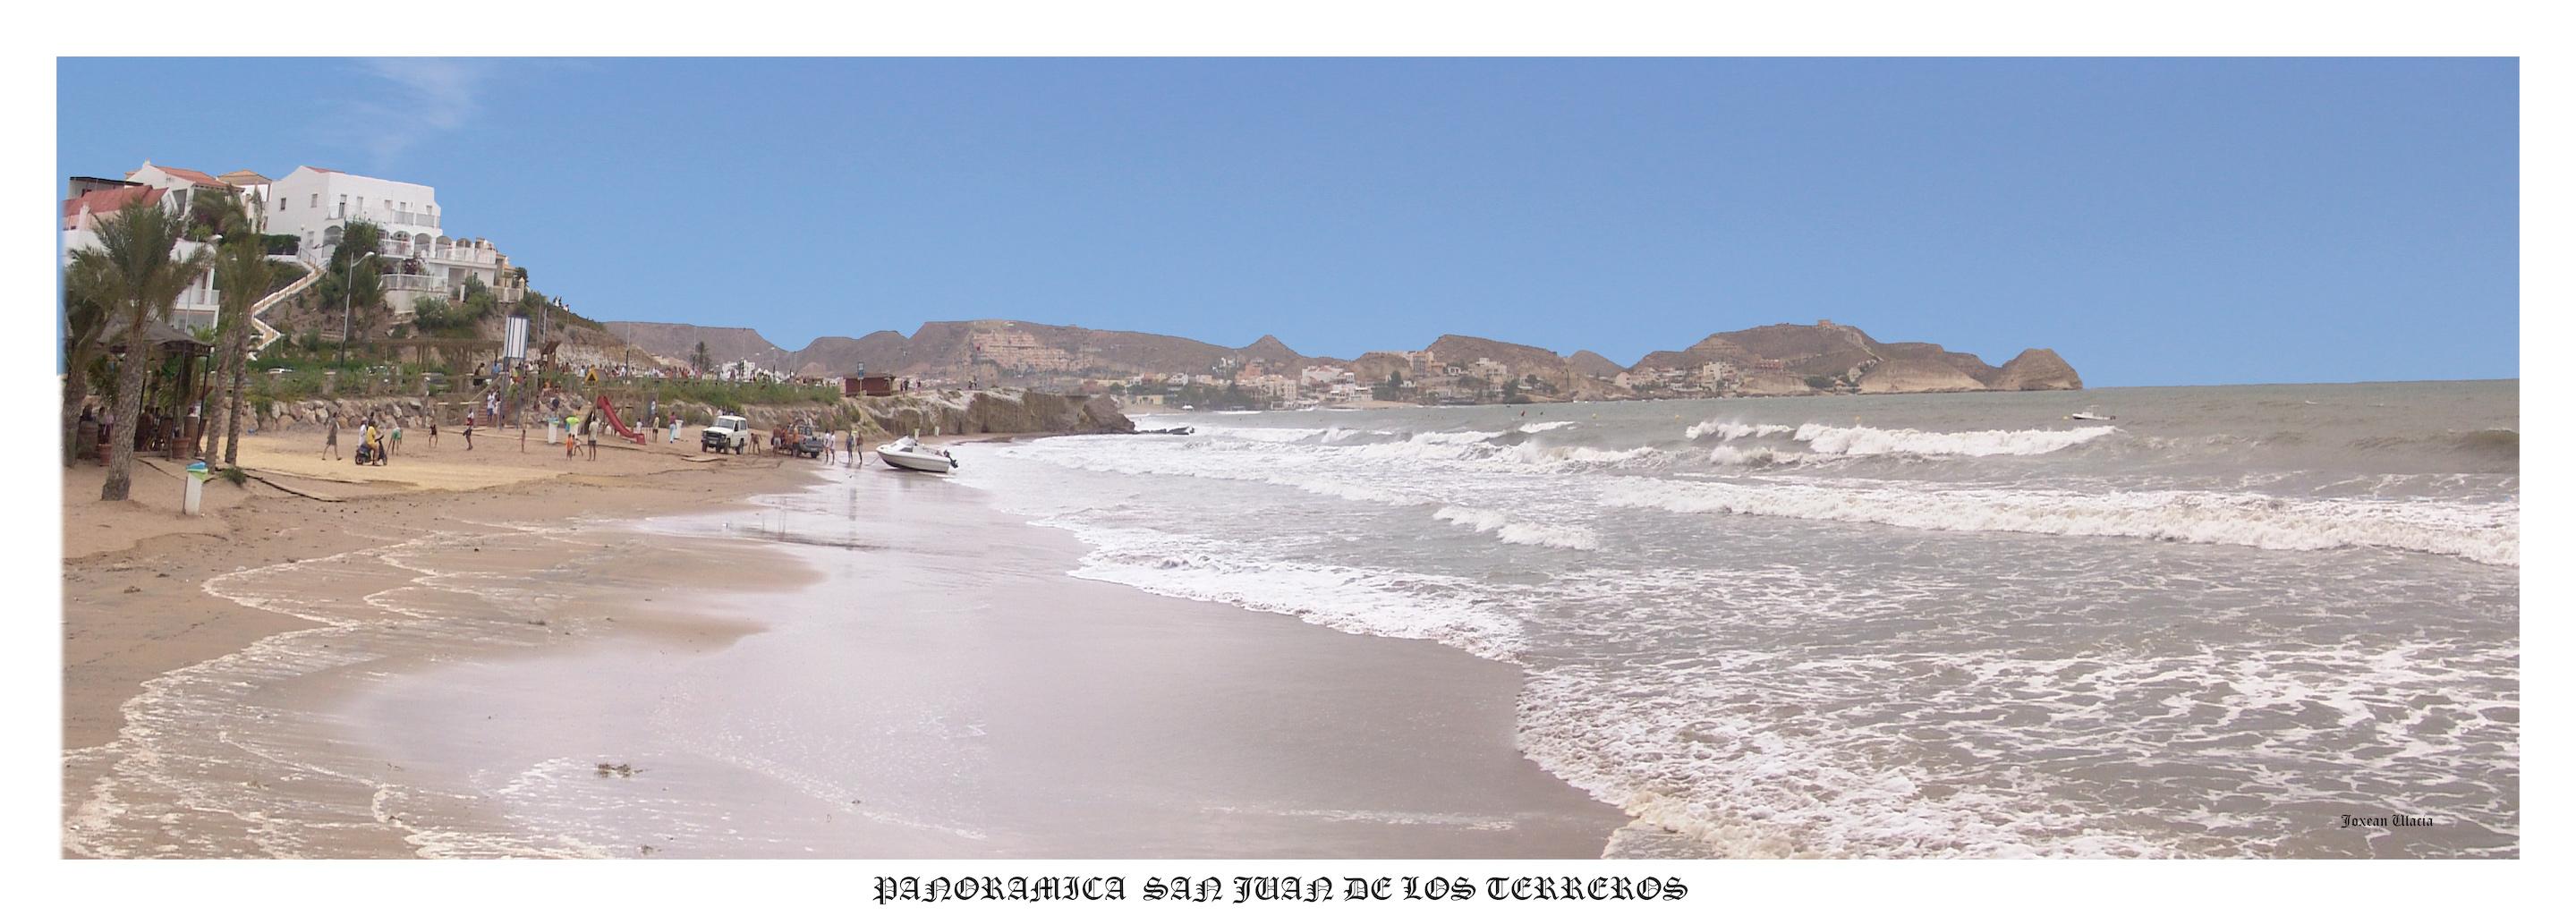 Foto playa Mar Serena. Panoramica San Juan de los terreros